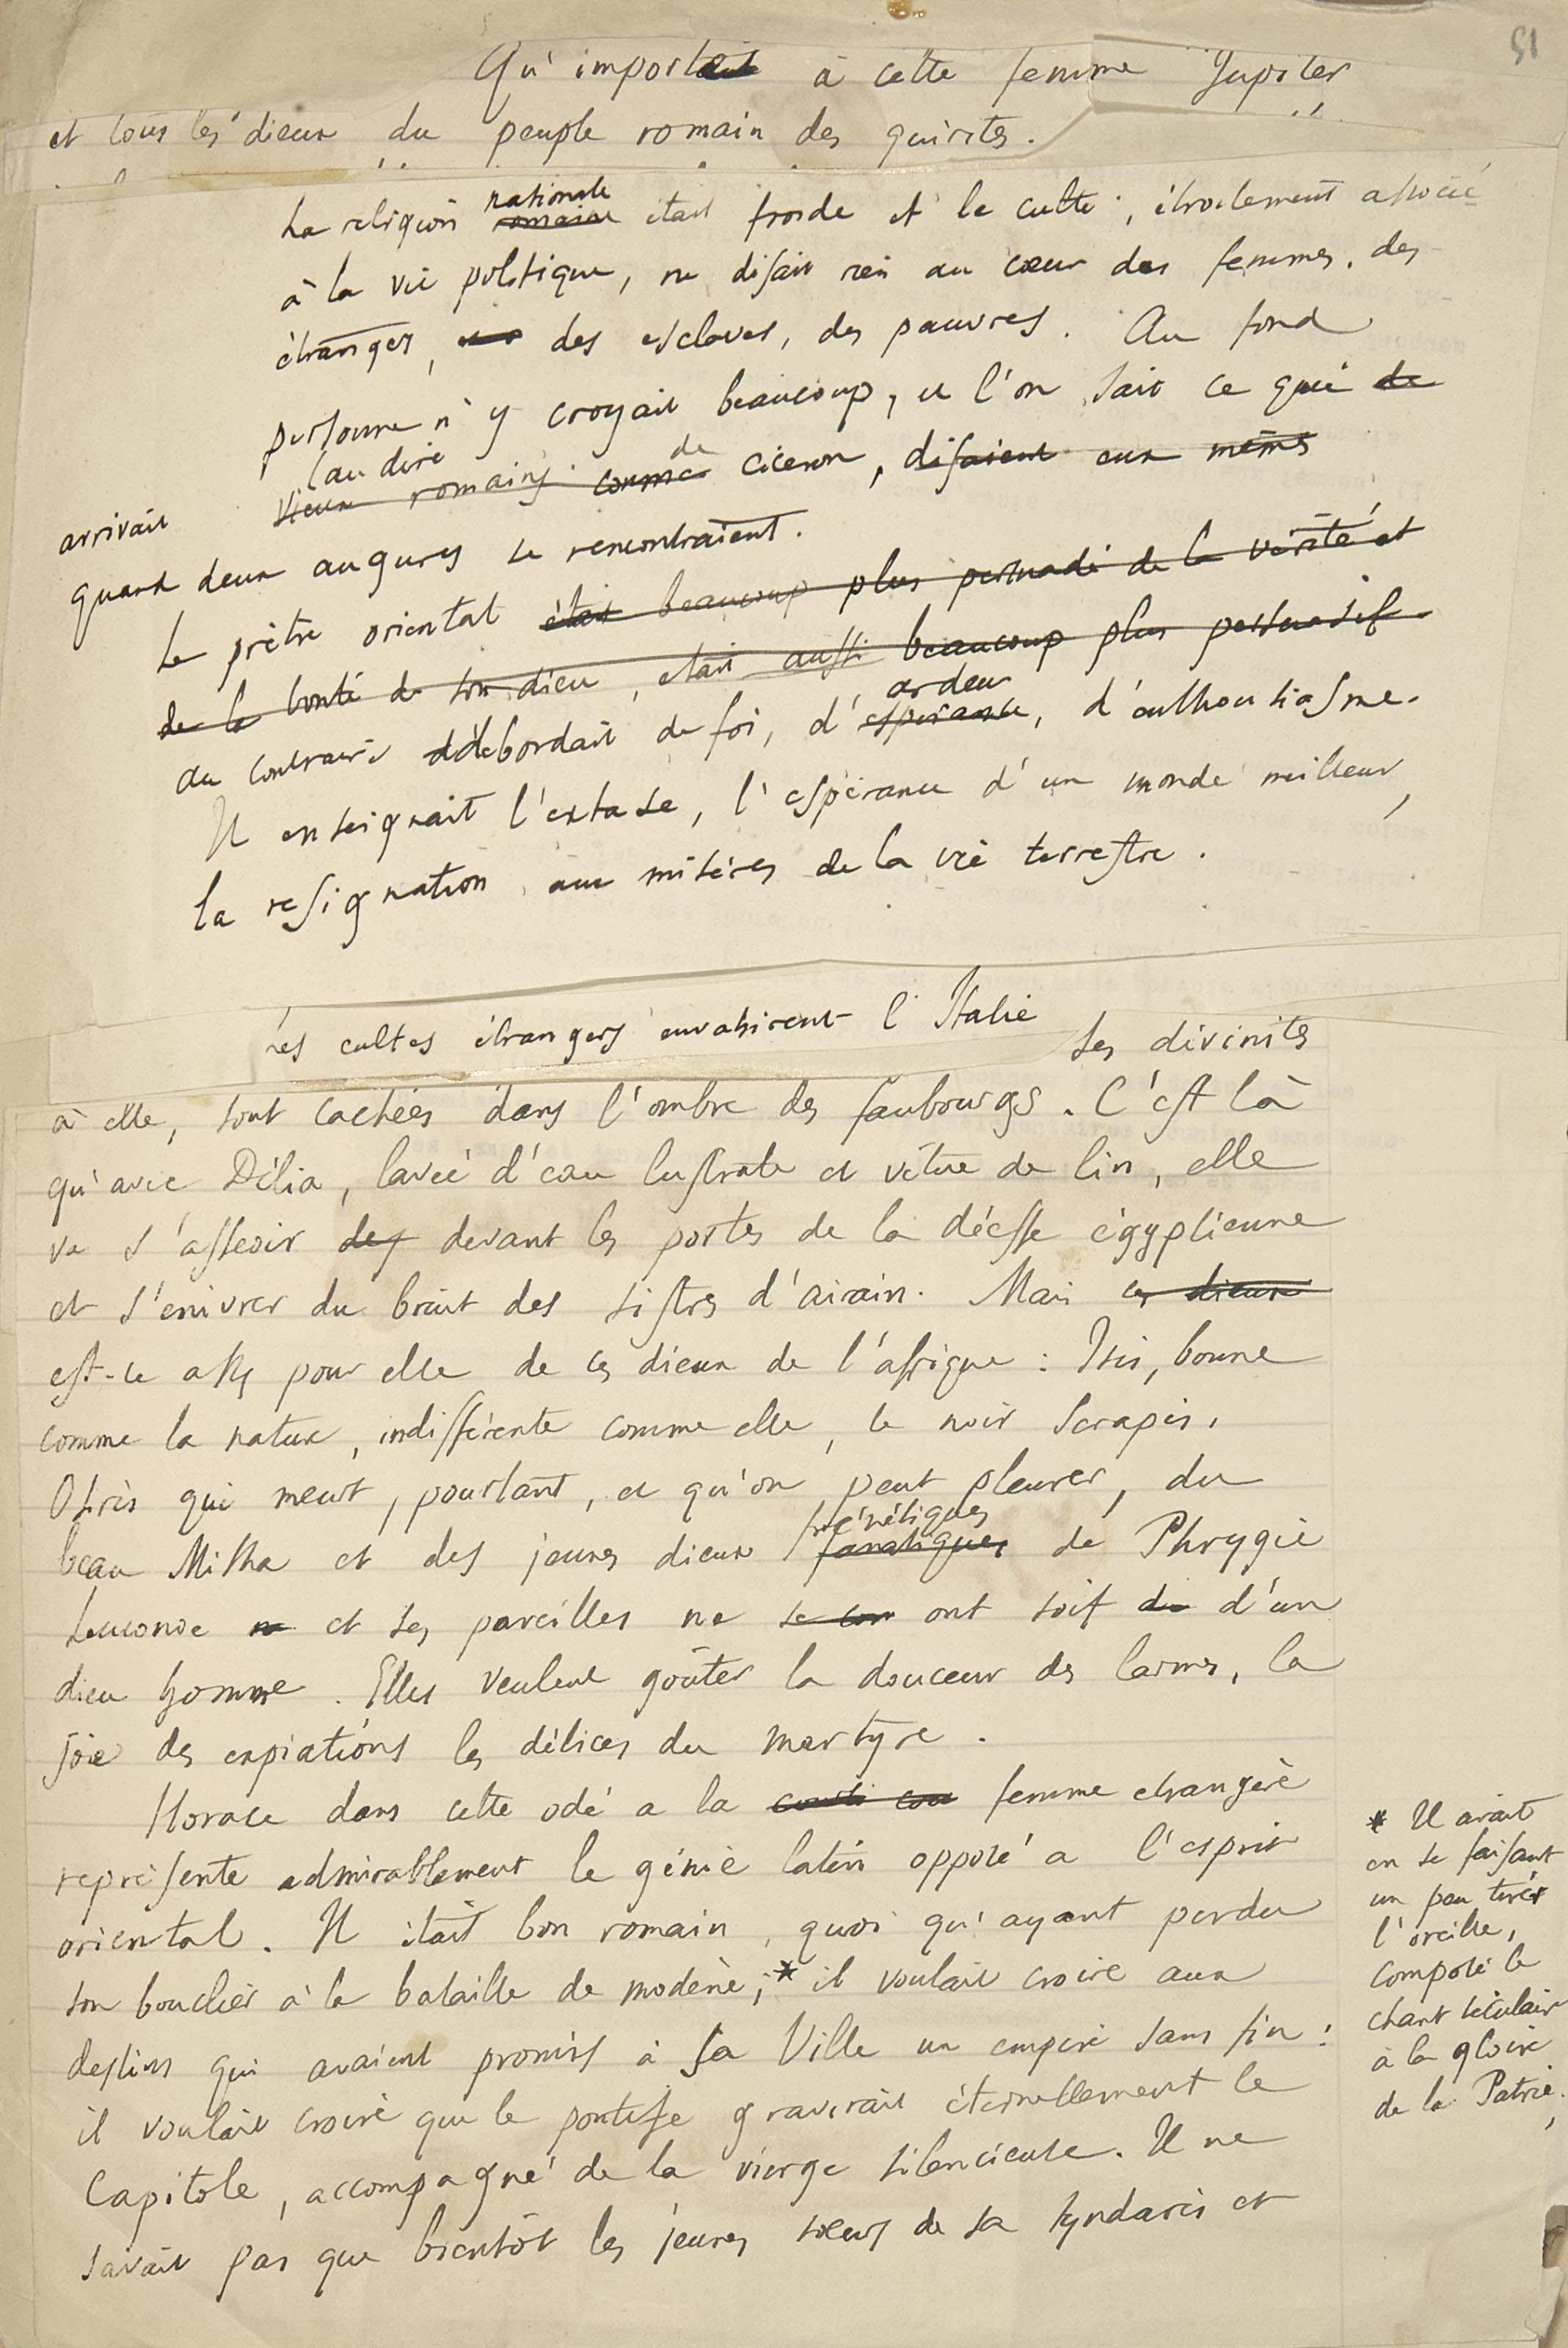 FRANCE, Anatole (1844-1924). Conférences en Argentine et au Brésil. Manuscrit autographe, non signé. Vers 1909.